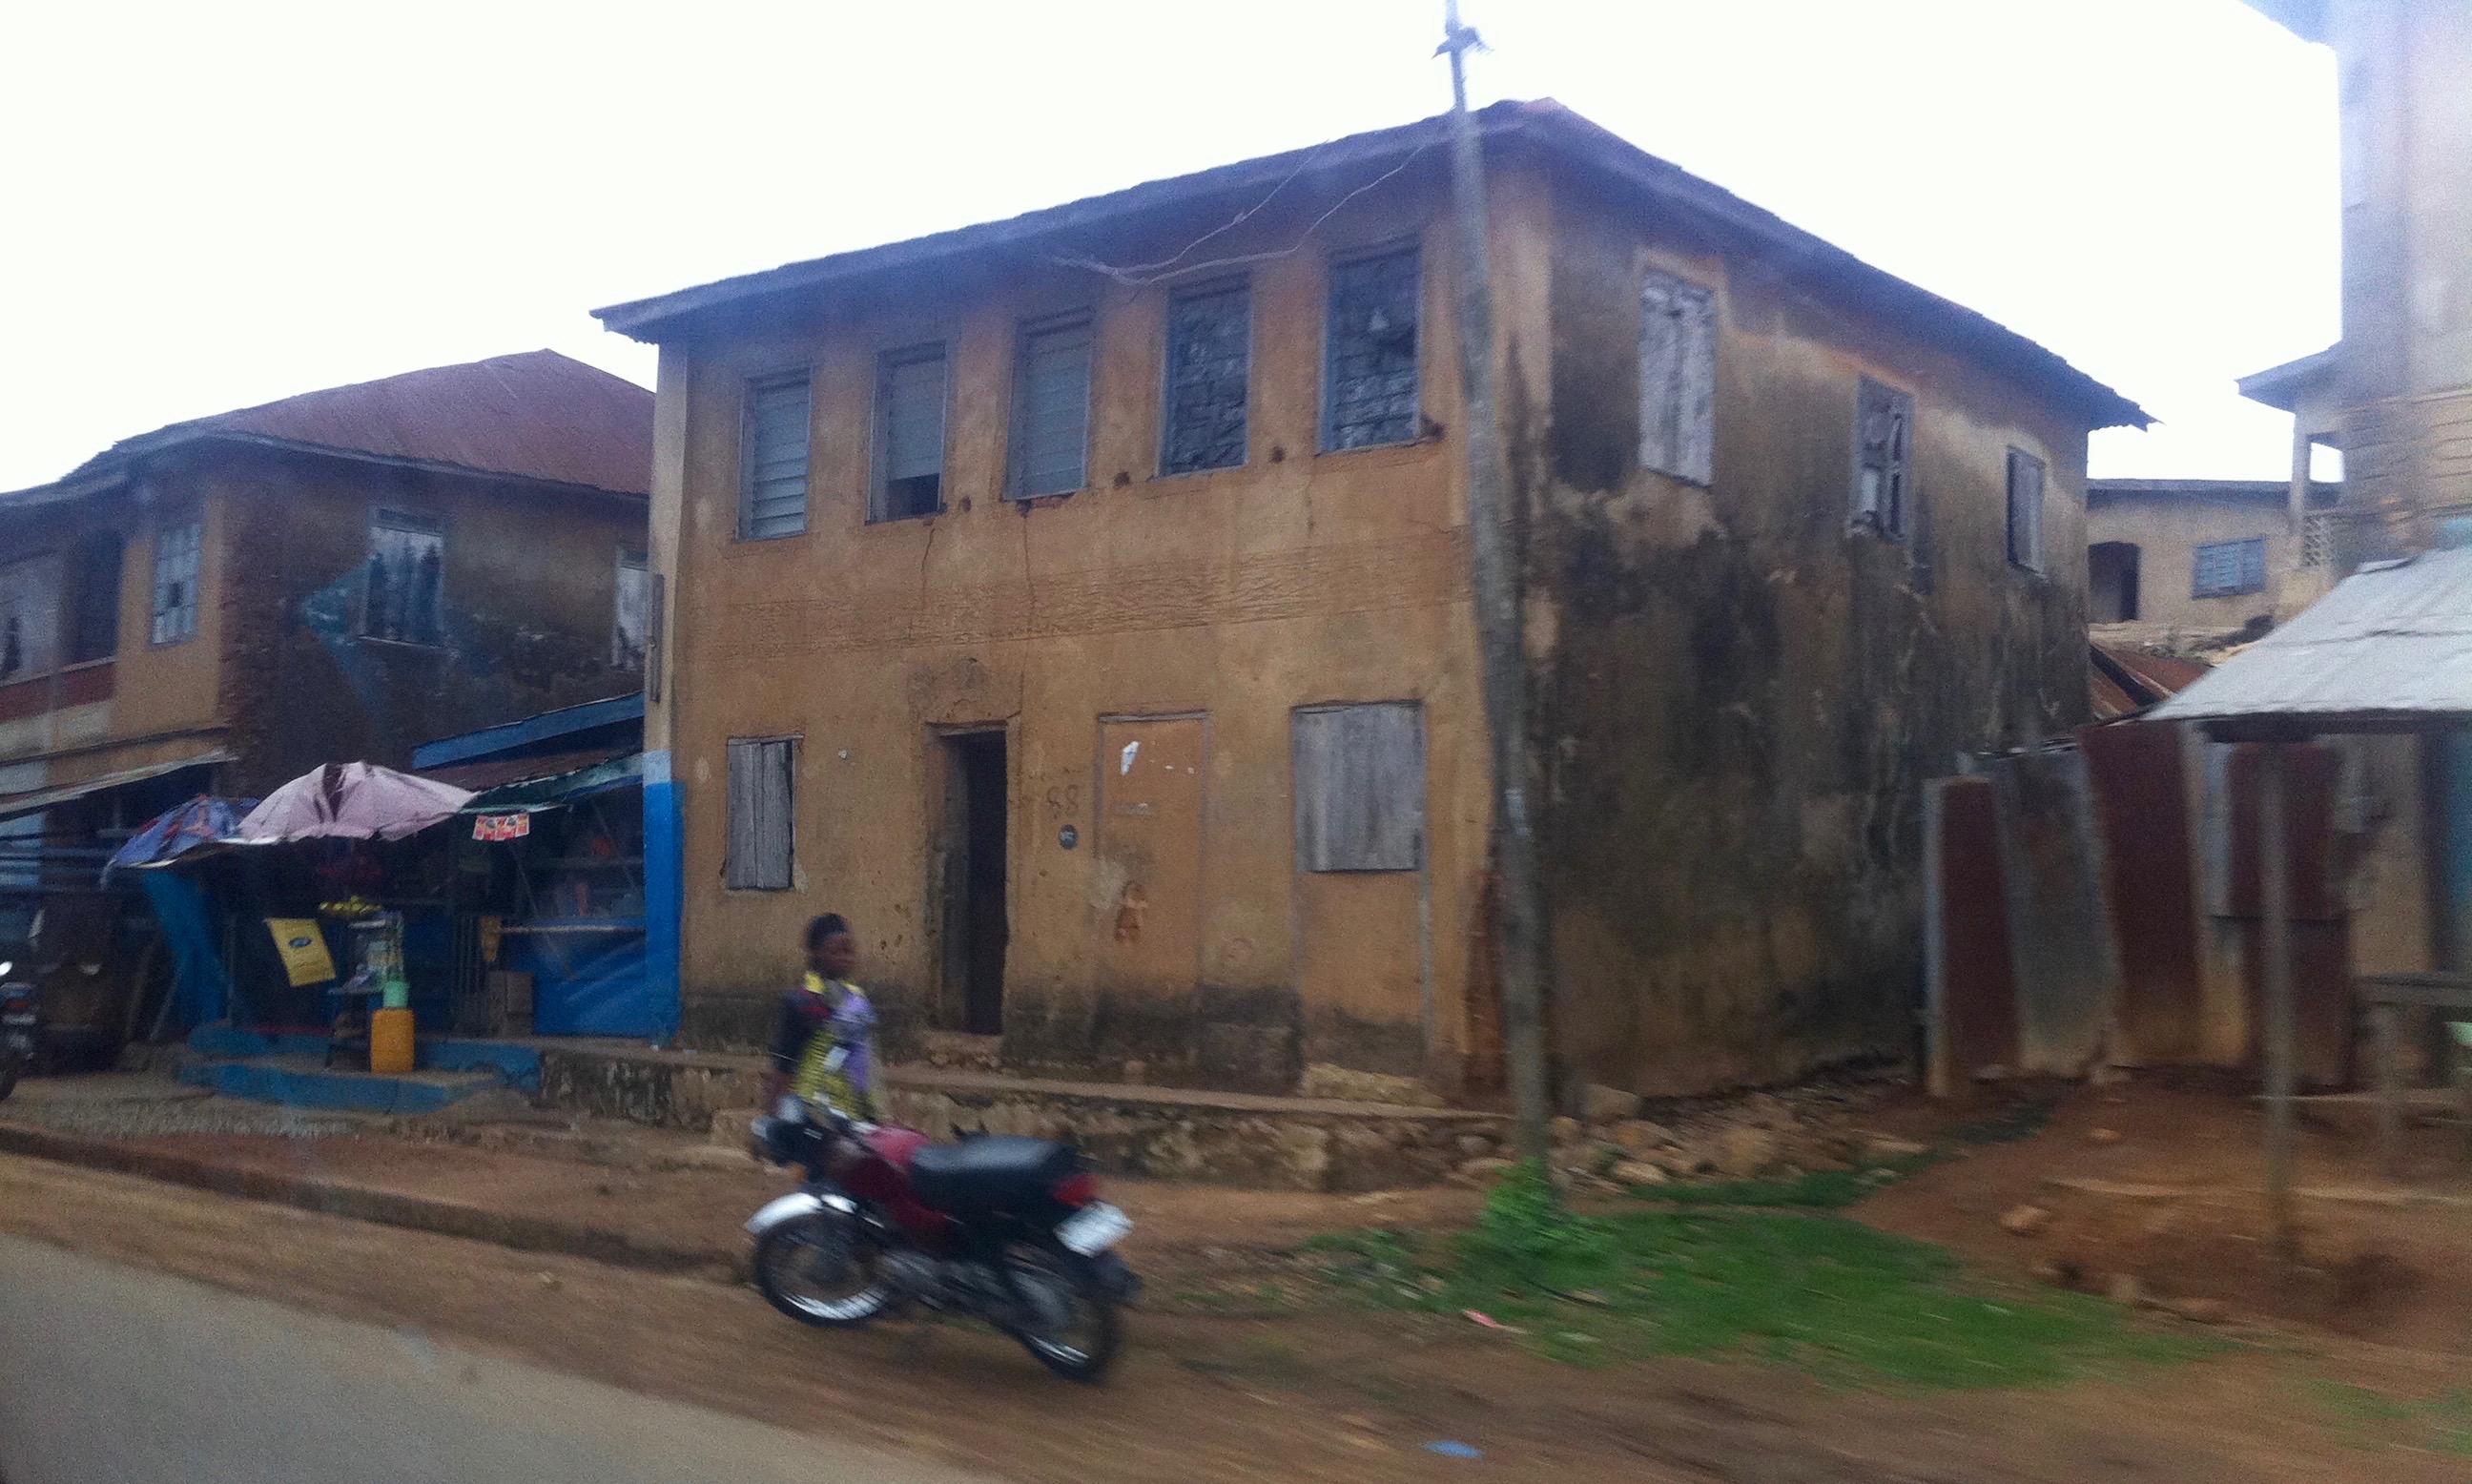 Akoko, Ondo, Nigeria. #JujuFilms